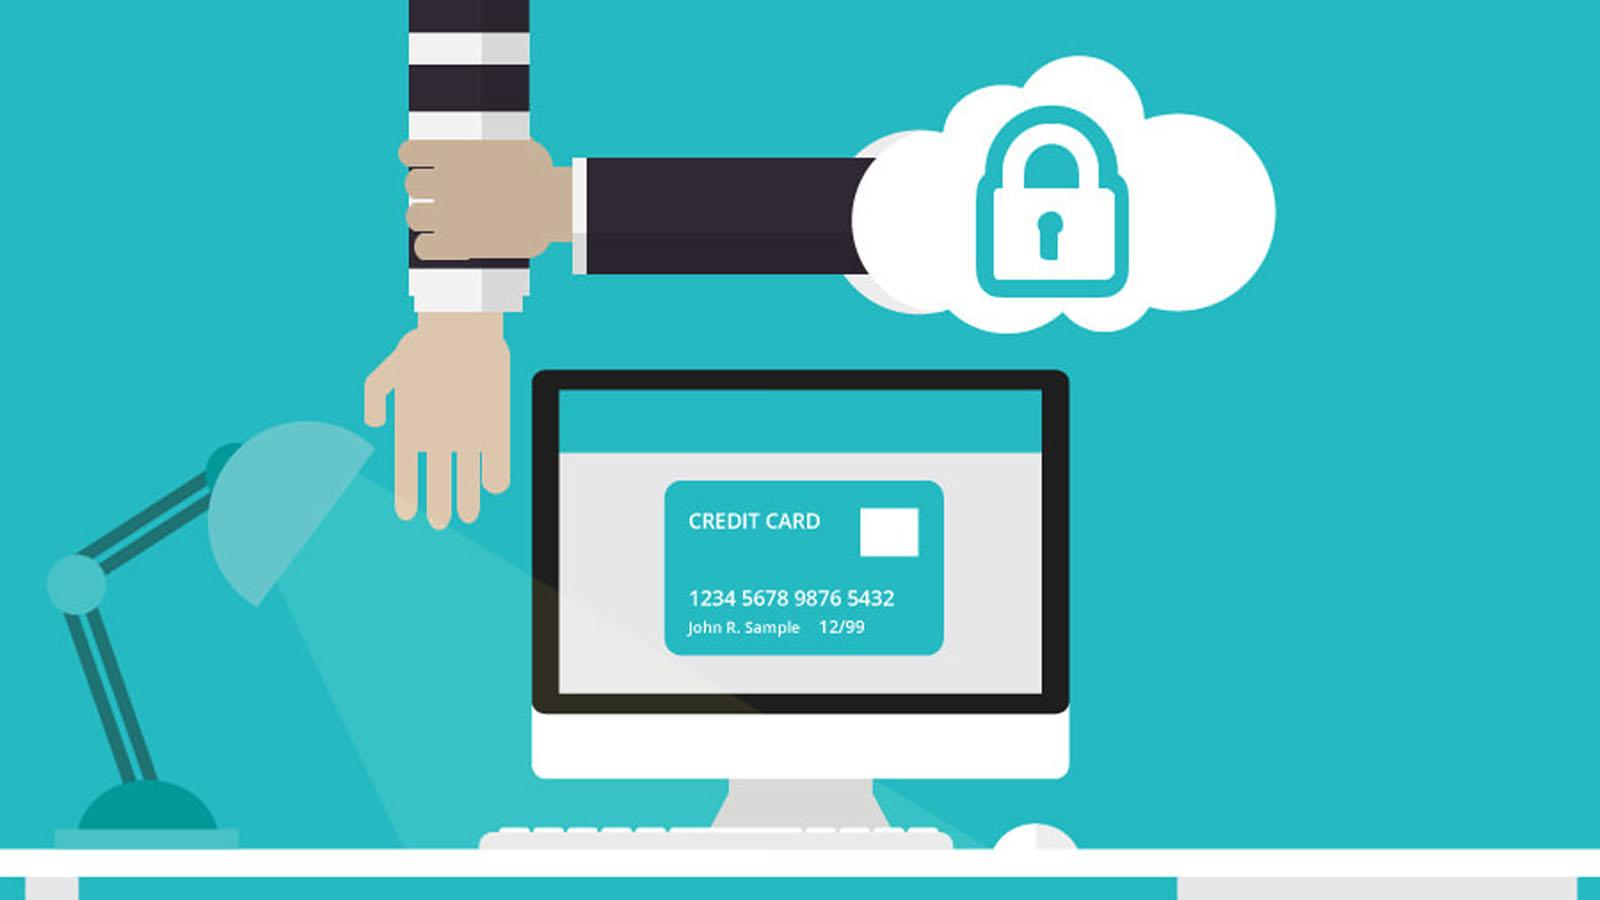 راه های افزایش امنیت اطلاعات